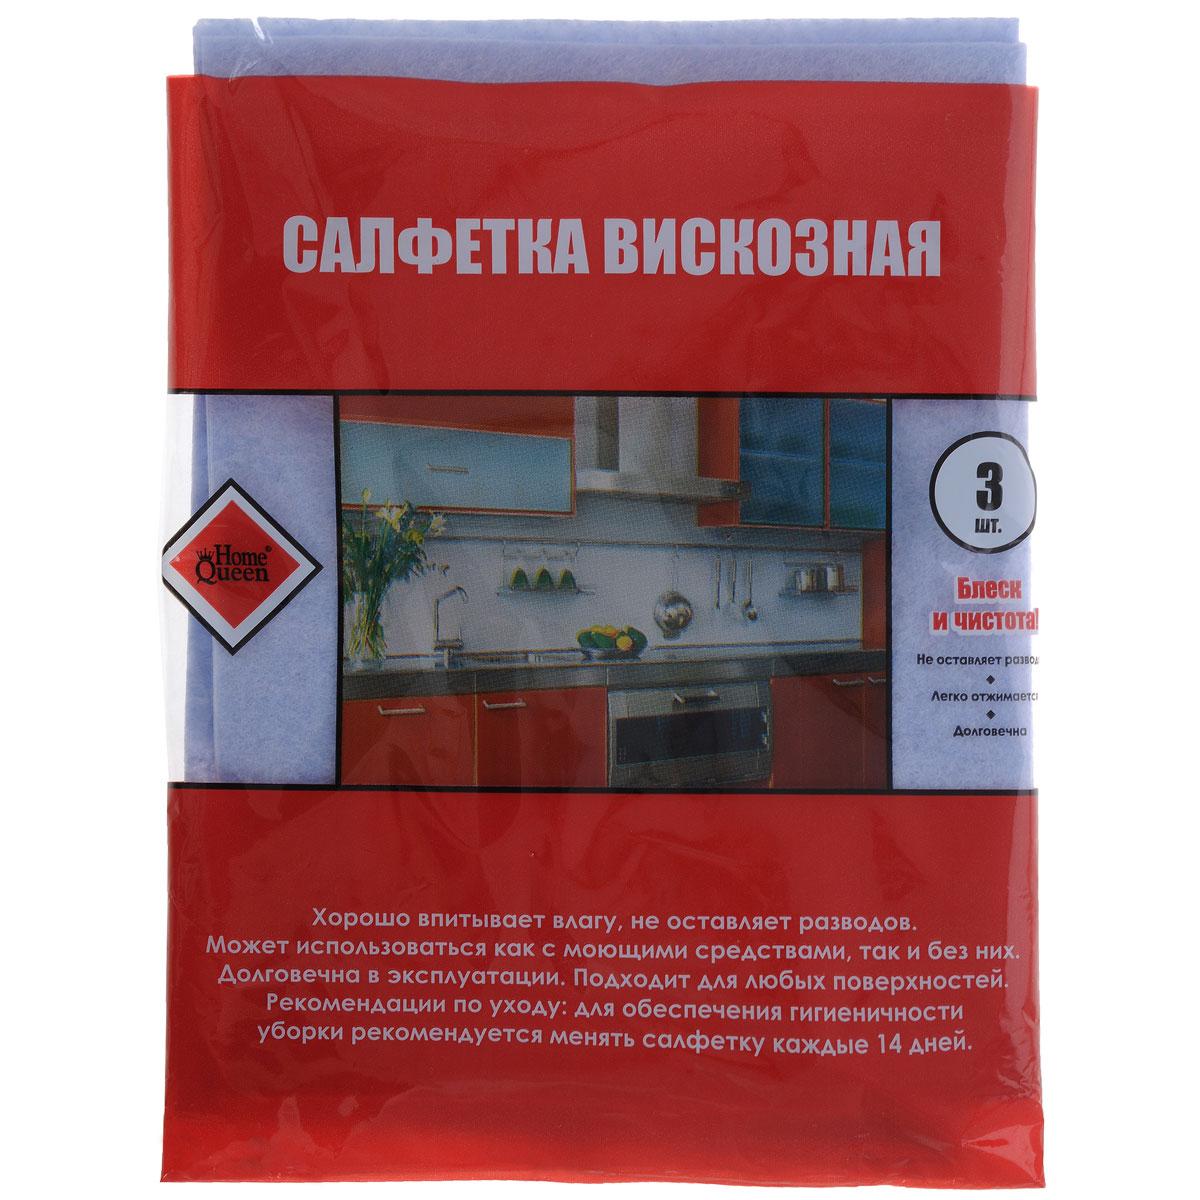 Салфетка для уборки Home Queen, цвет: голубой, 30 х 38 см, 3 шт57117_голубойСалфетка Home Queen, изготовленная из 65 % вискозы и 35 % полиэстера, предназначена для очищения загрязнений на любых поверхностях. Изделие обладает высокой износоустойчивостью и рассчитано на многократное использование, легко моется в теплой воде с мягкими чистящими средствами. Супервпитывающая салфетка не оставляет разводов и ворсинок, удаляет большинство жирных и маслянистых загрязнений без использования химических средств. Комплектация: 3 шт.